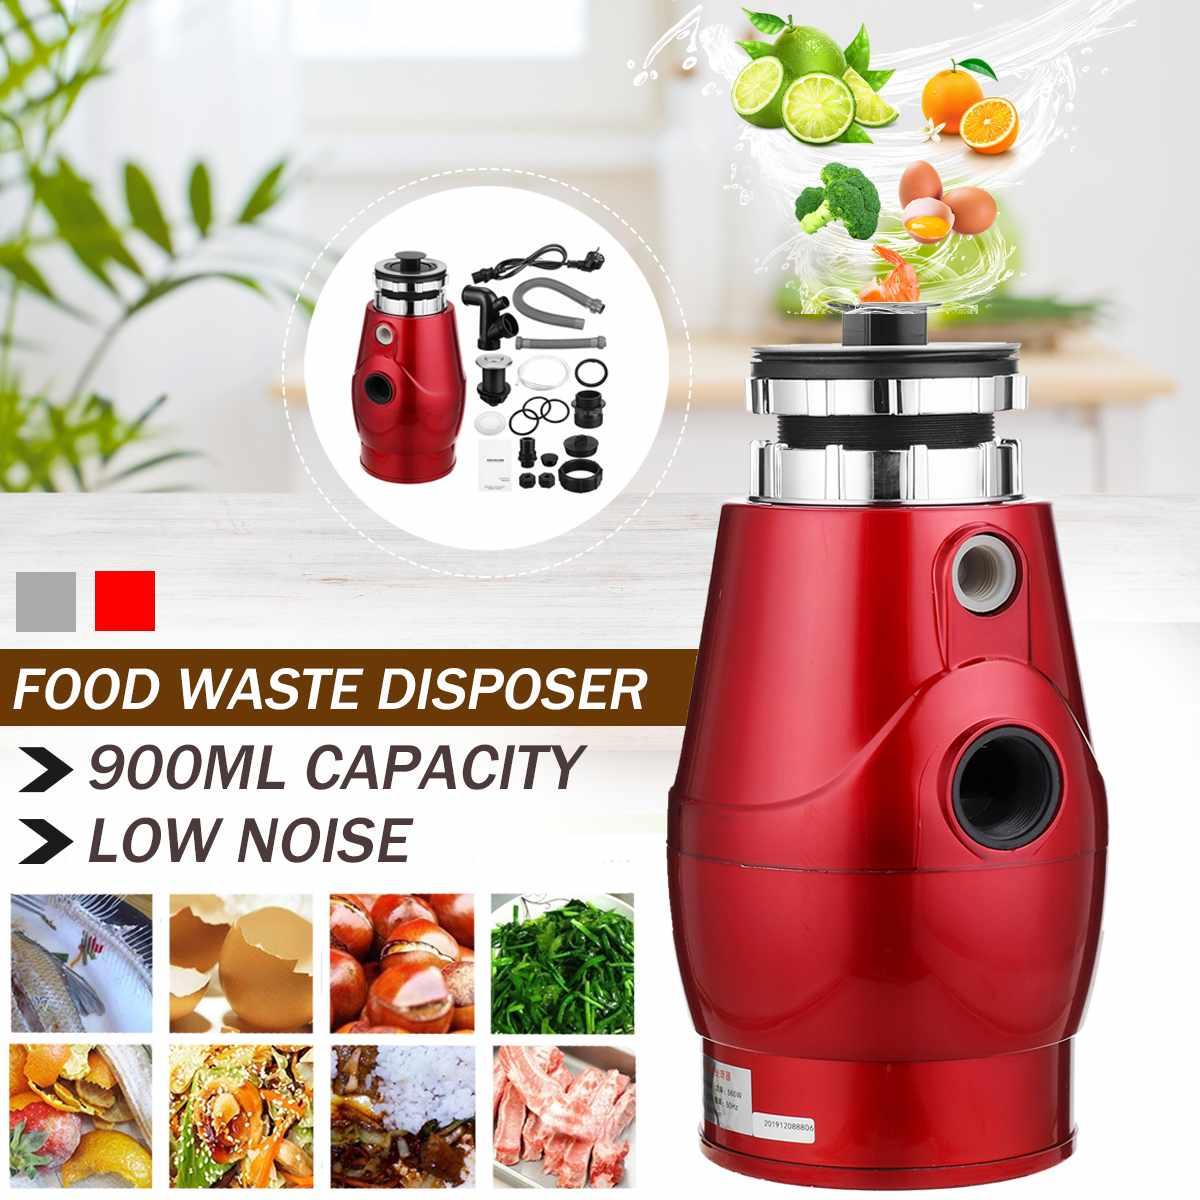 370 Вт Высокоплотный сплав для утилизации пищевых отходов 2600rmp Трехточечная петля для утилизации мусора непрерывная очистка мусора